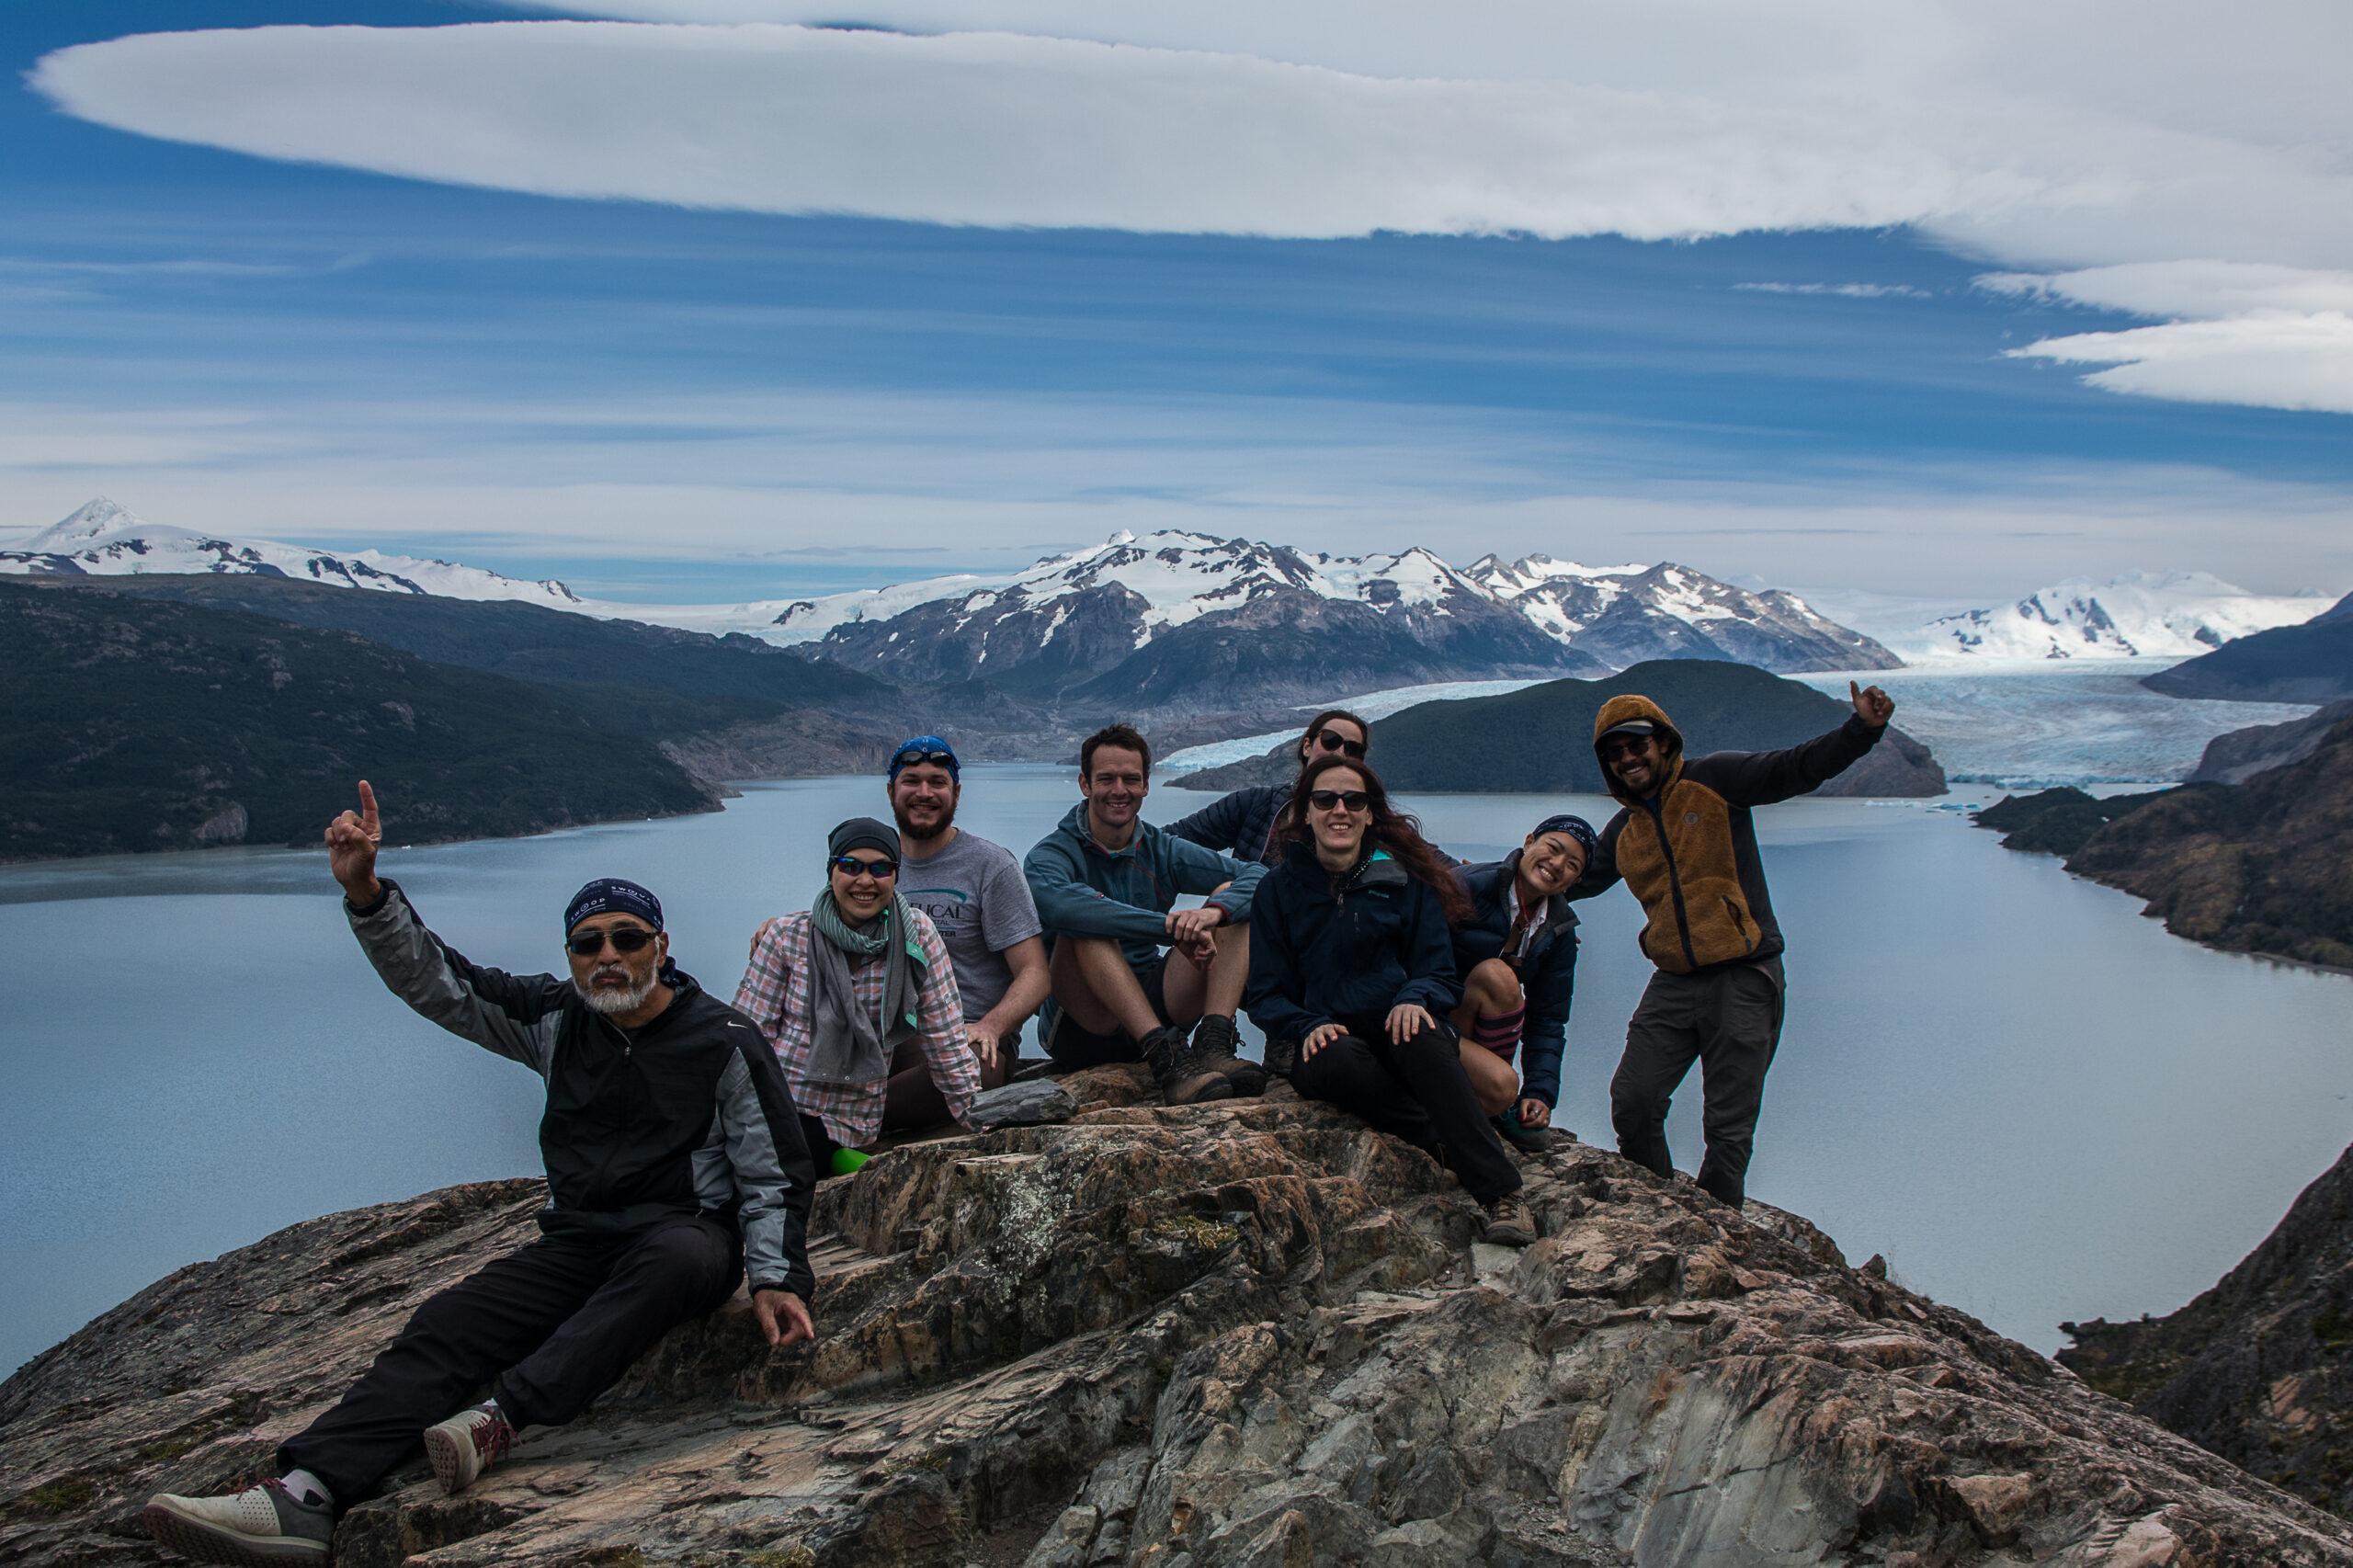 trekking-torres-del-paine-w-trek-group-picture